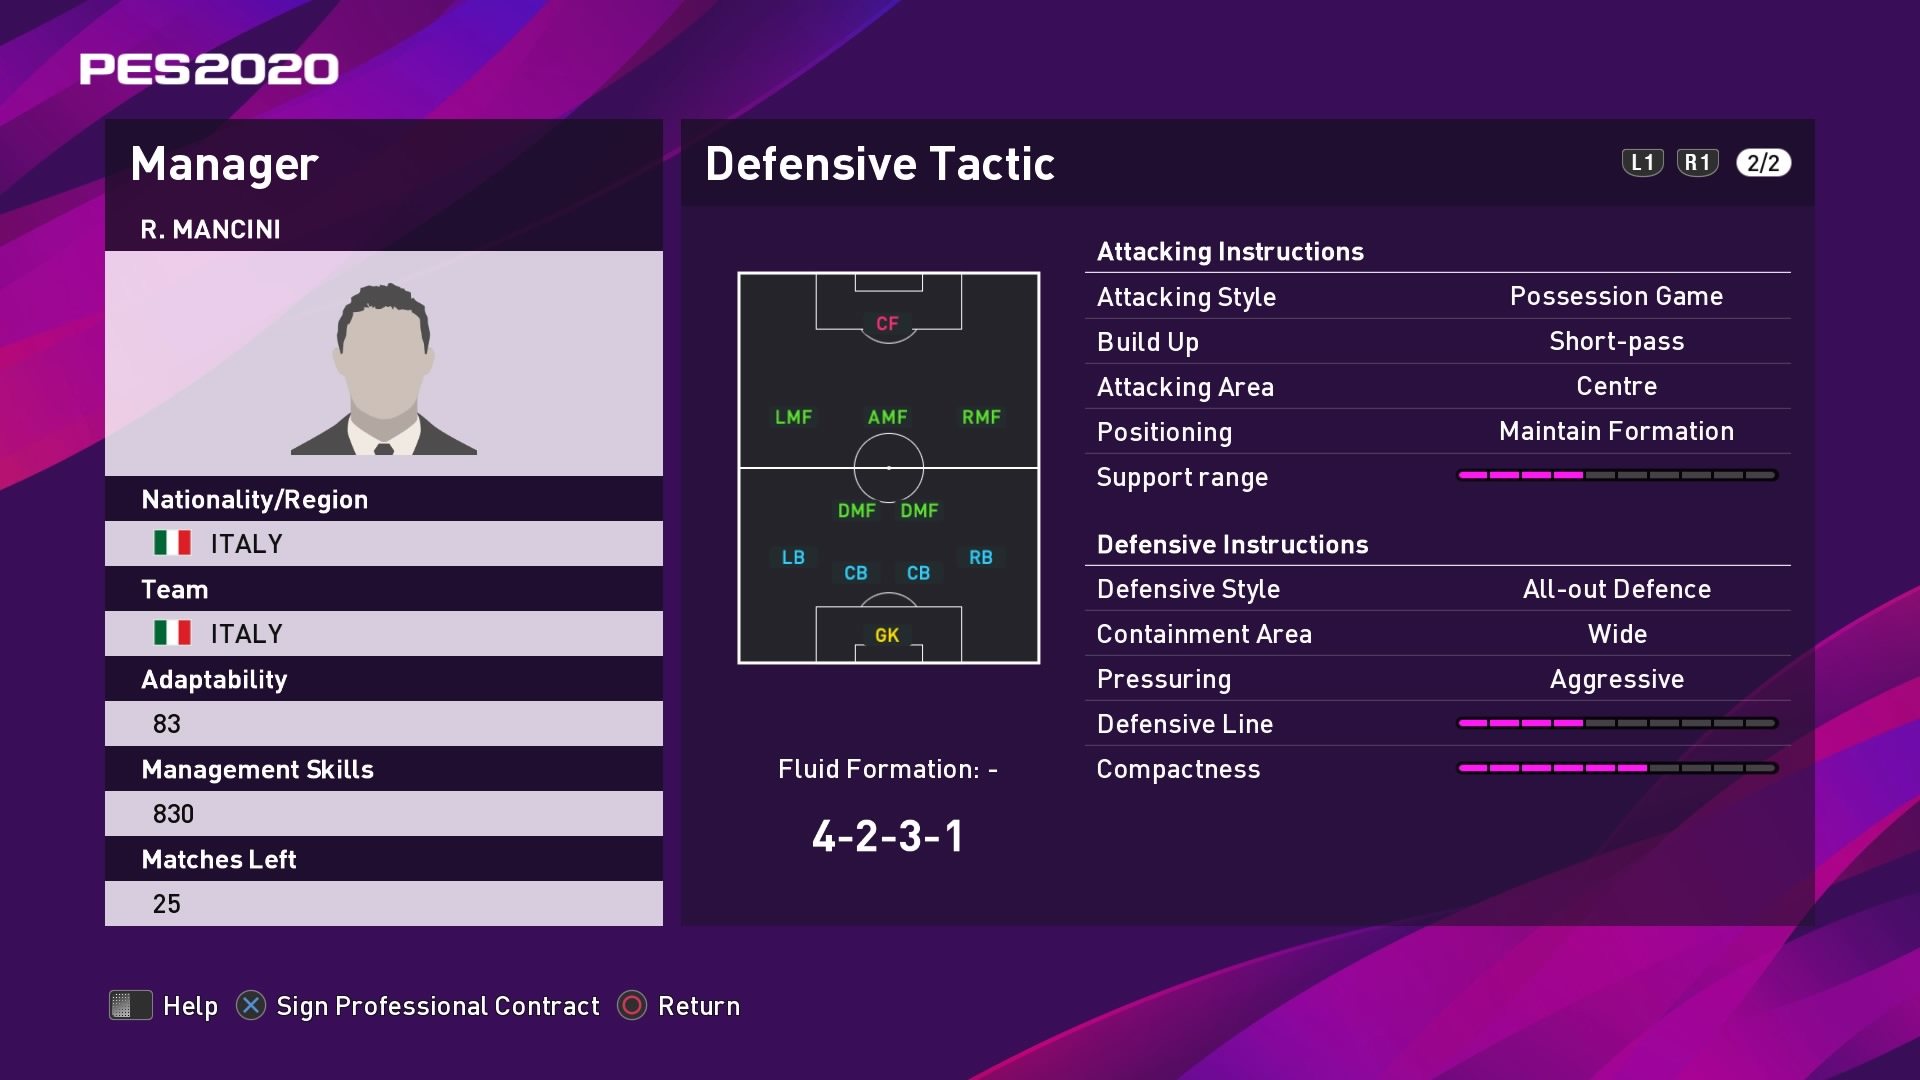 R. Mancini (Roberto Macini) Defensive Tactic in PES 2020 myClub